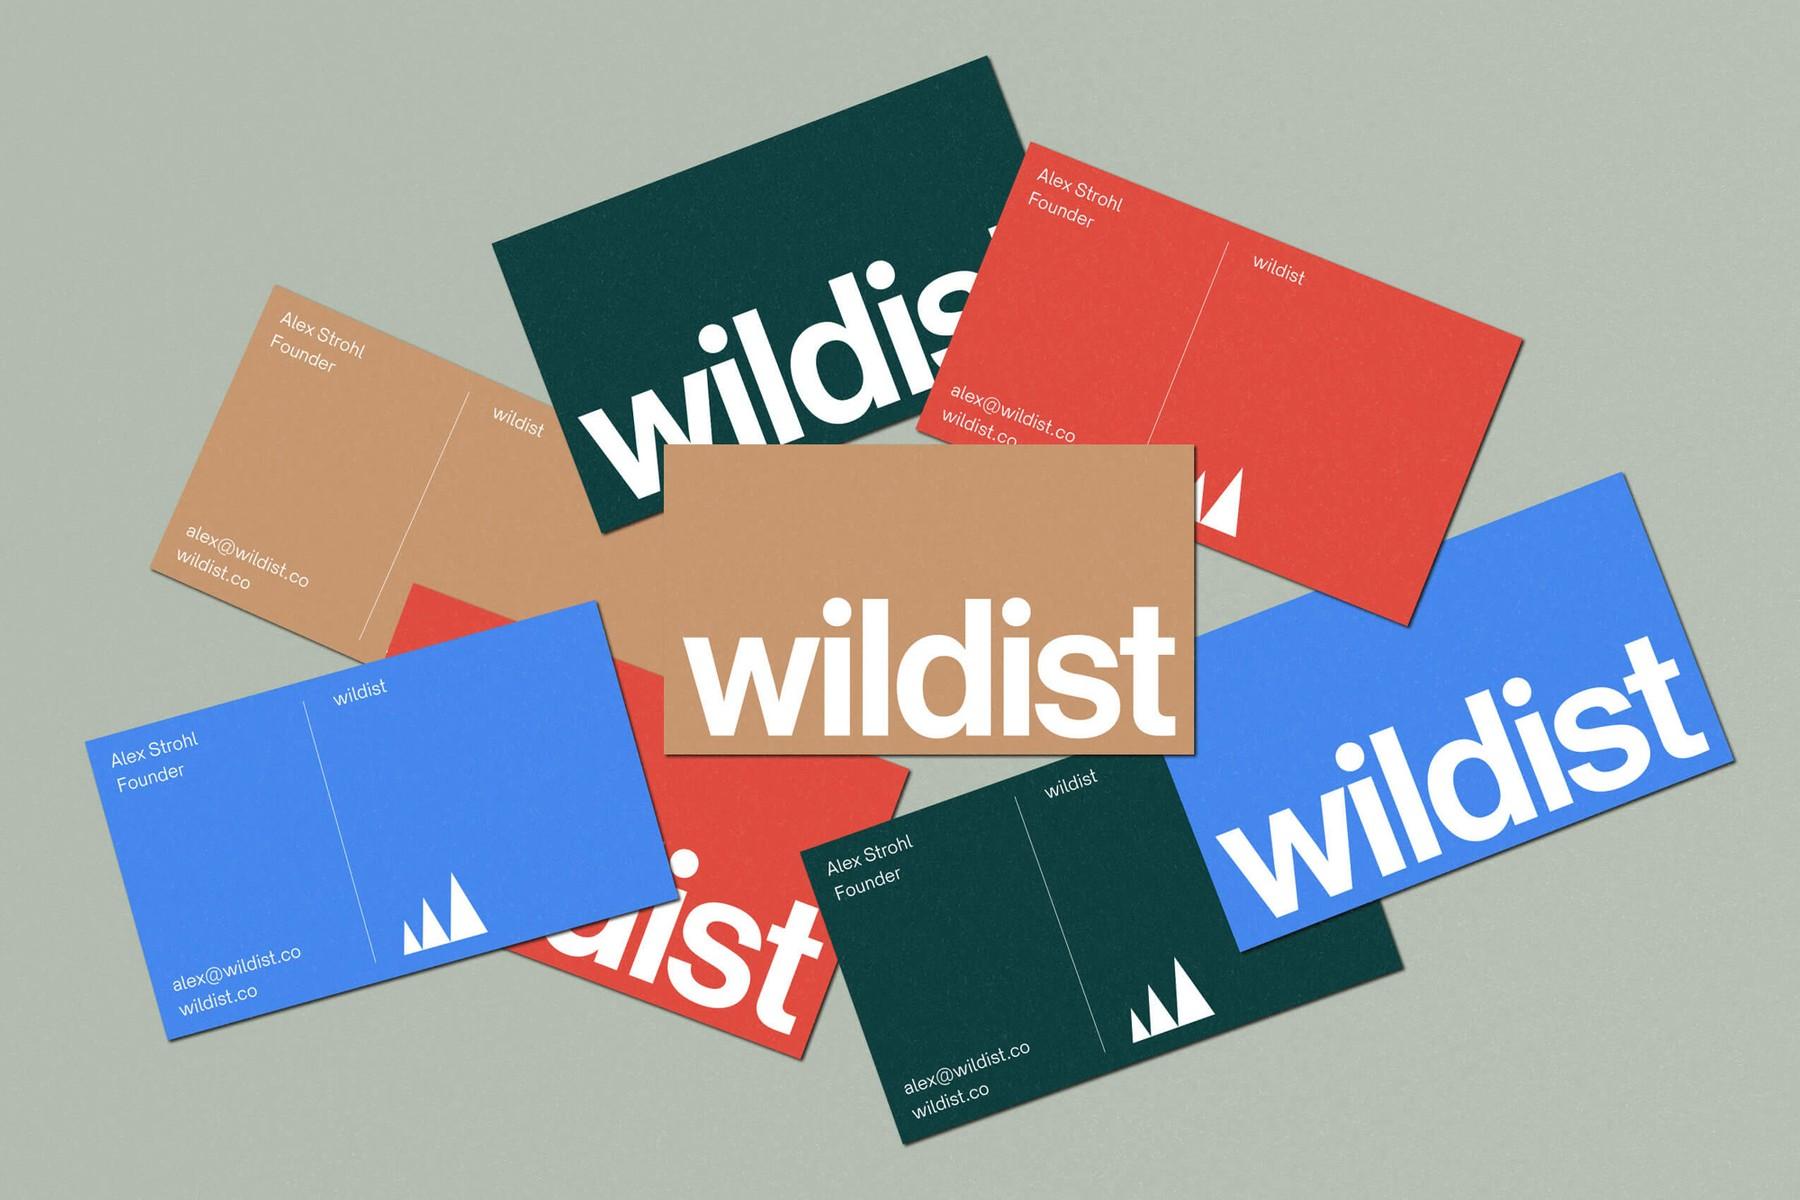 wildistmast_2.jpg